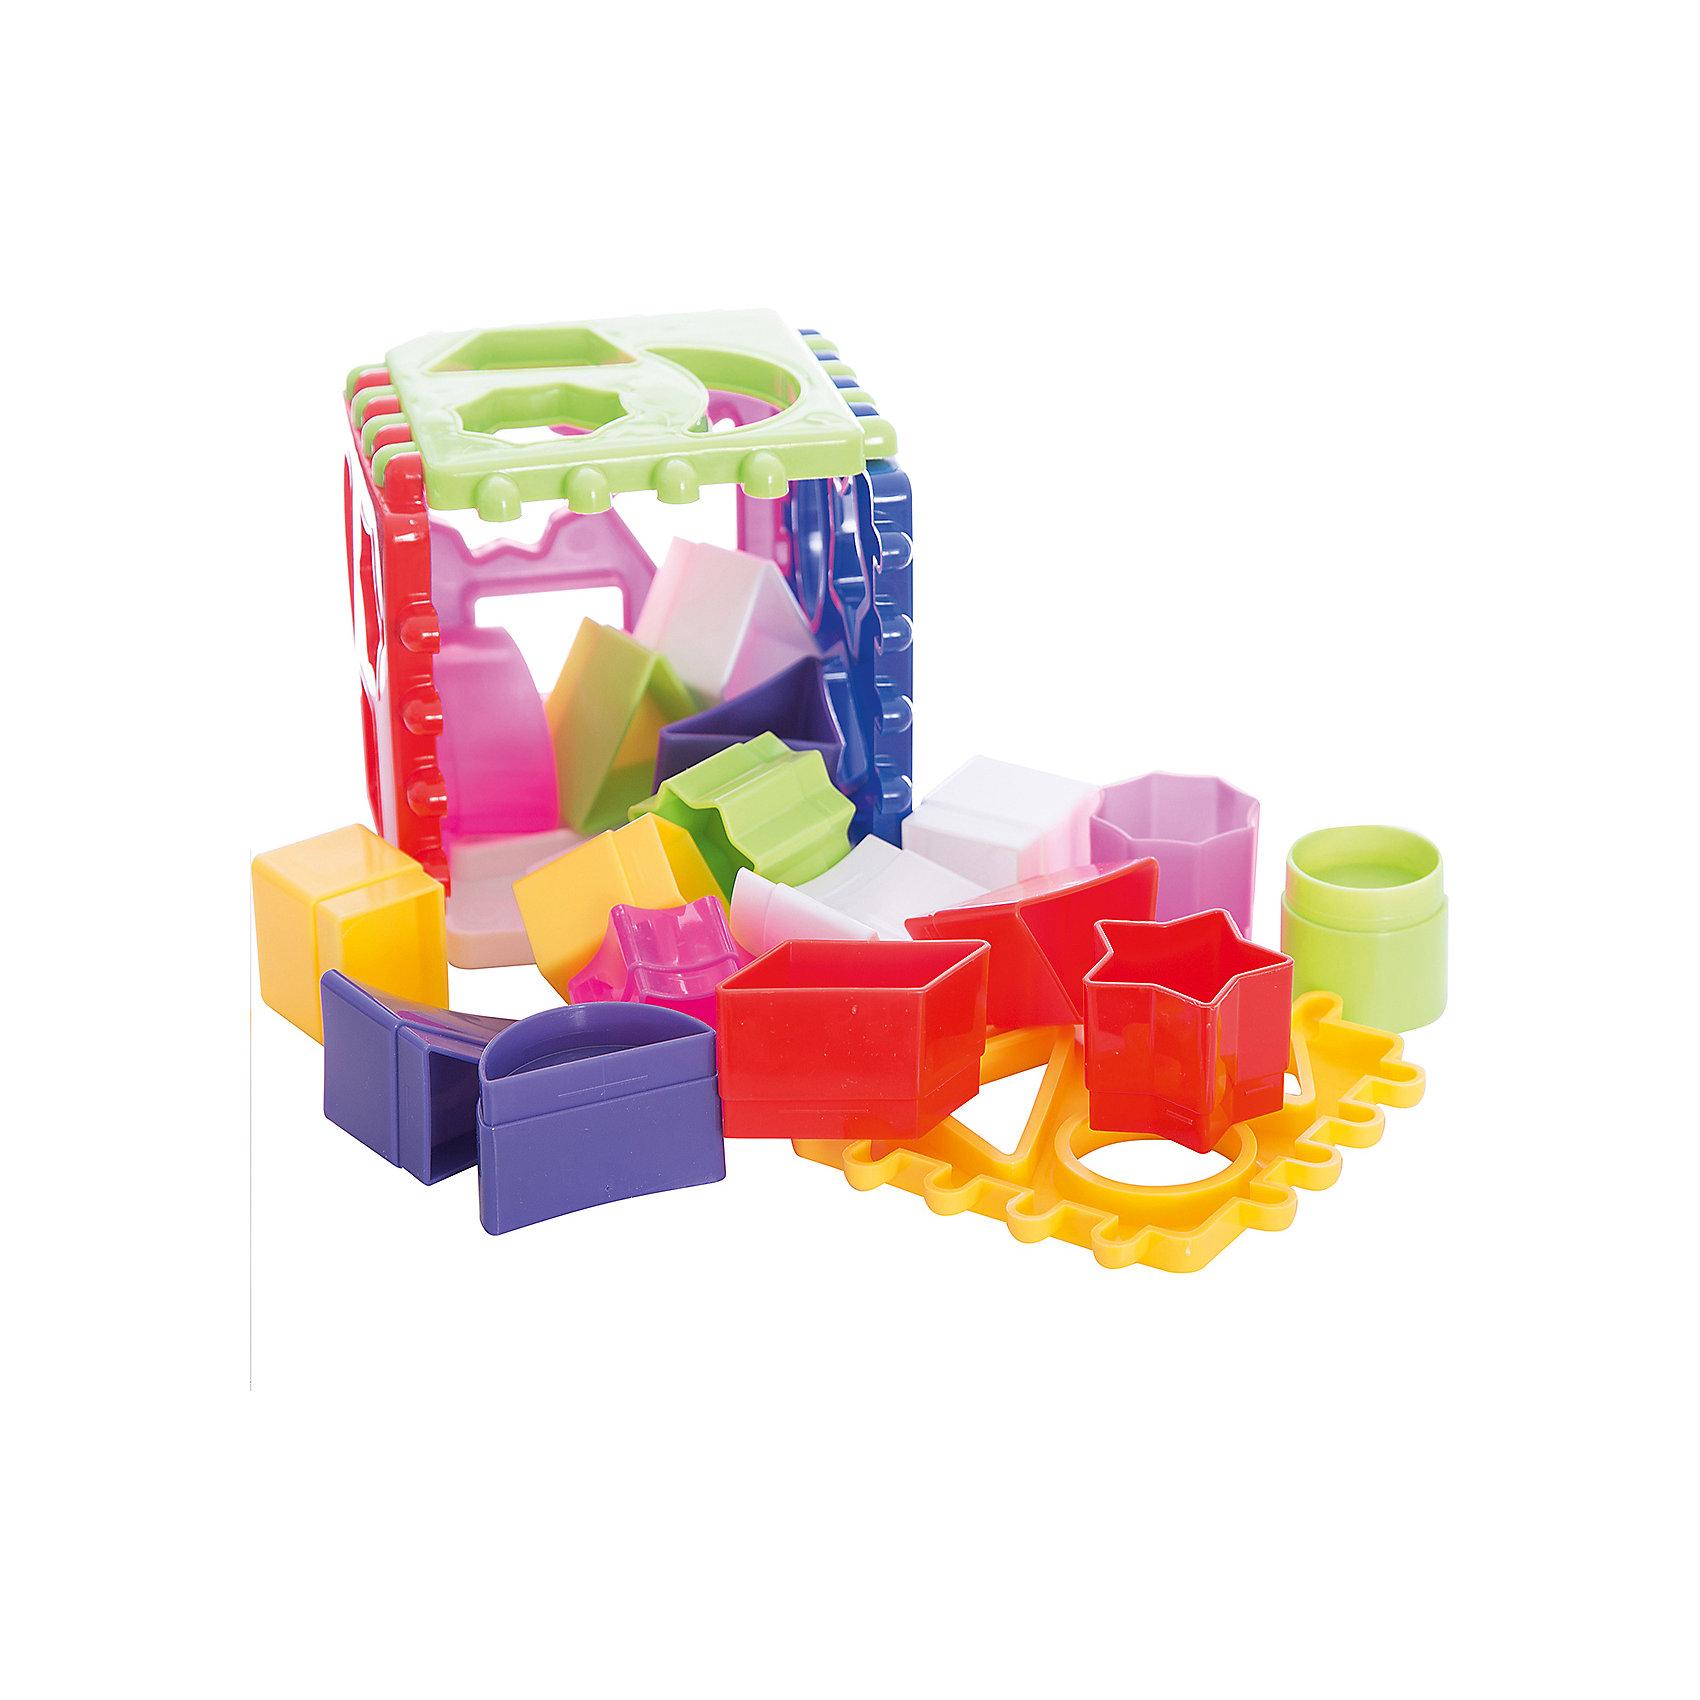 Логический куб, СтелларСортеры<br>Развивающая игра Логический куб от Стеллар (Stellar)  - сортировщик с множеством разноцветных фигурок. Смысл игры – подобрать и вставить фигурки в подходящие отверстия в гранях кубика. Набор состоит из шести пластин из которых можно собрать кубик или другие фигуры, например, призму. В комплект входят 18 фигурок, отличающихся друг от друга цветом, формой, размером, толщиной. <br><br>Играя с логическим кубиком-сортером ребенок развивает моторику, логику и координацию движений.<br><br>Развивающая игра Логический куб не оставит равнодушным ни одного малыша!<br><br>Дополнительная информация:<br><br>- В комплекте: 6 пластинок-сортеров, 18 фигурок<br>- Материал: полипропилен<br>- Размер игрушки: 115 х 115 х 115 мм<br>- Размер упаковки: 120 х 120 х 120 мм<br>- Вес: 280 г.<br><br>Логический куб подарочный от Стеллар (Stellar) можно купить в нашем интернет-магазине.<br><br>Ширина мм: 120<br>Глубина мм: 120<br>Высота мм: 120<br>Вес г: 280<br>Возраст от месяцев: 12<br>Возраст до месяцев: 36<br>Пол: Унисекс<br>Возраст: Детский<br>SKU: 2407064